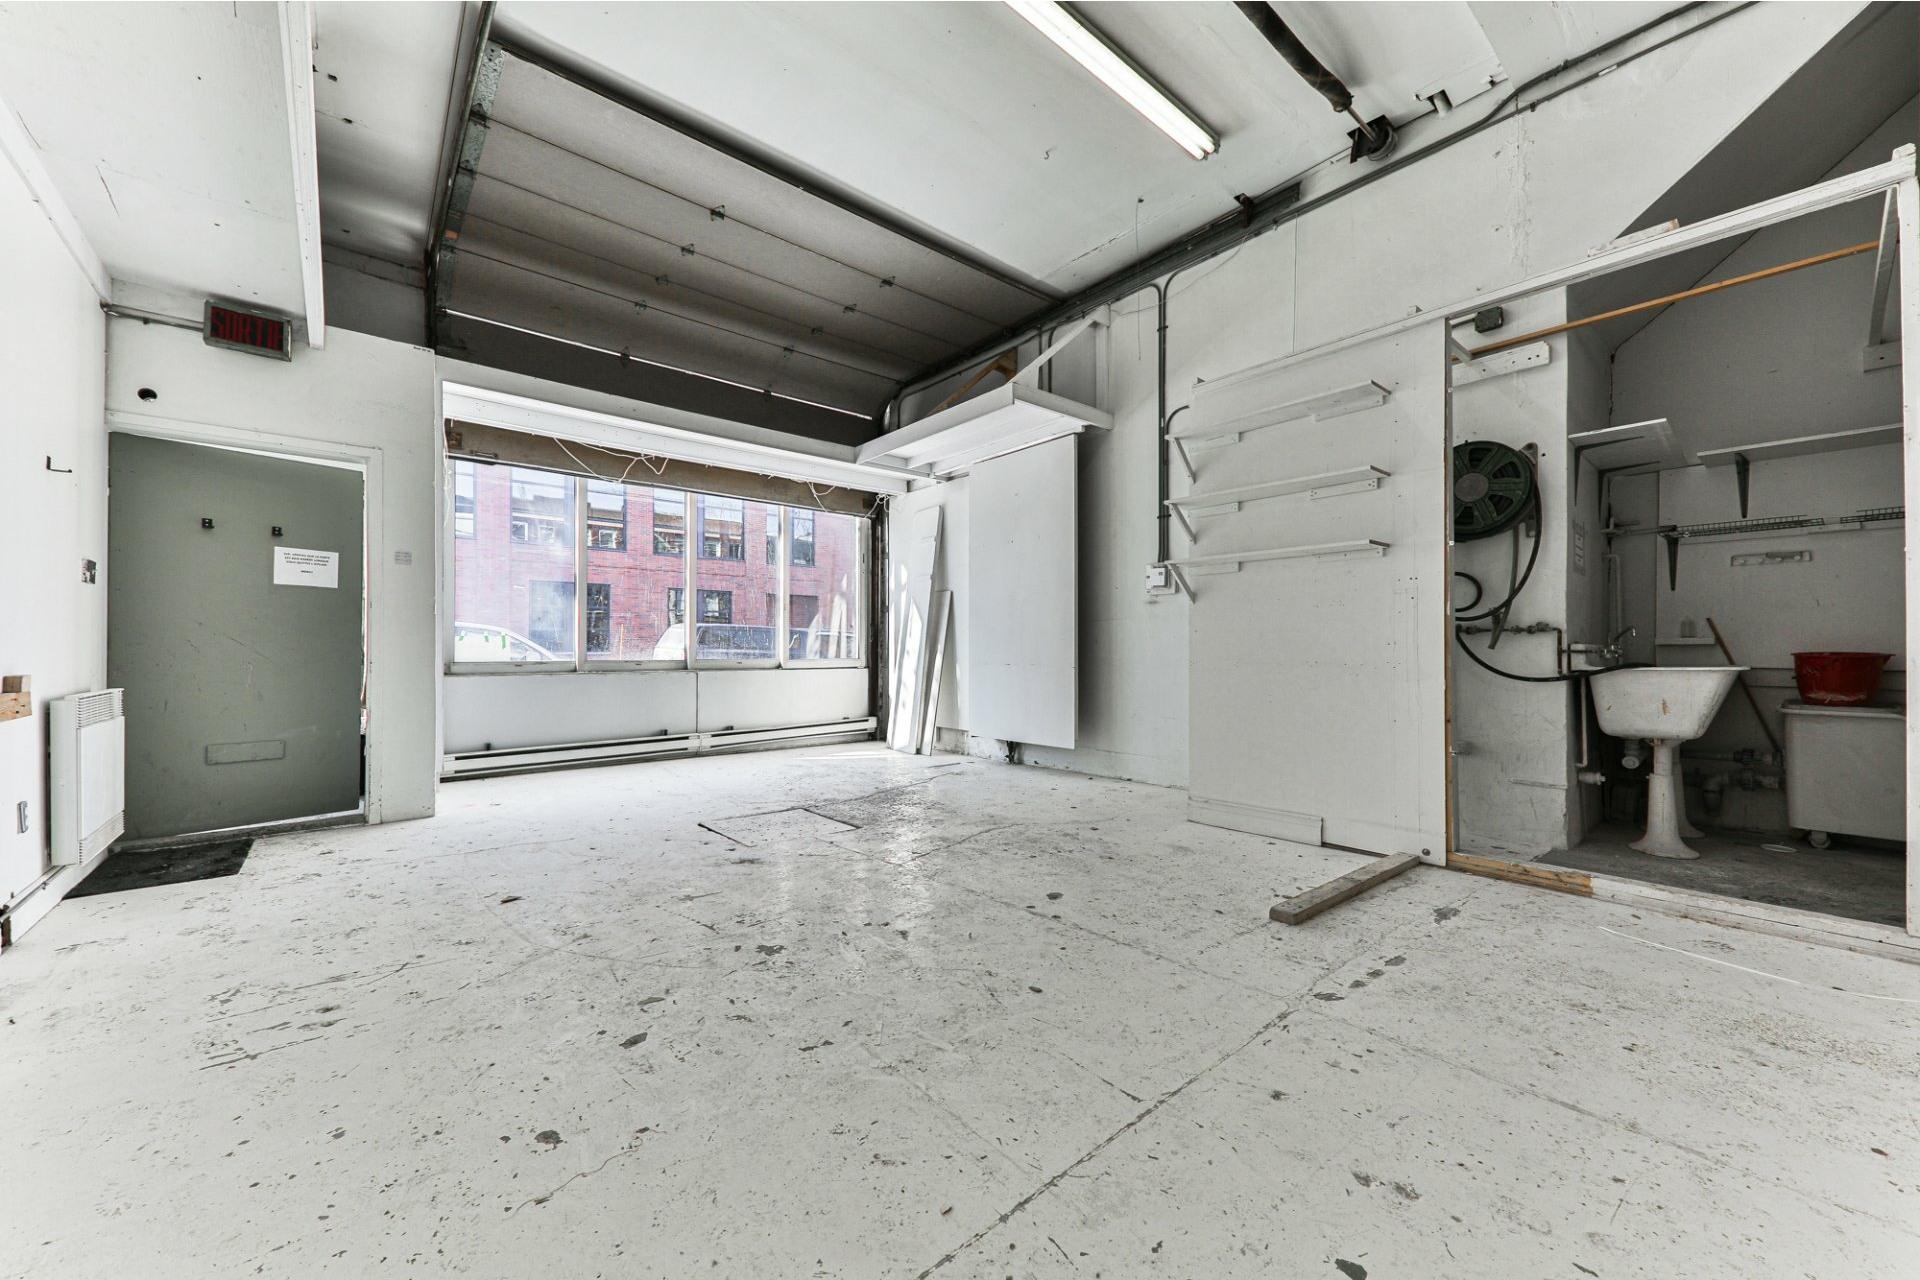 image 3 - Duplex À vendre Rosemont/La Petite-Patrie Montréal